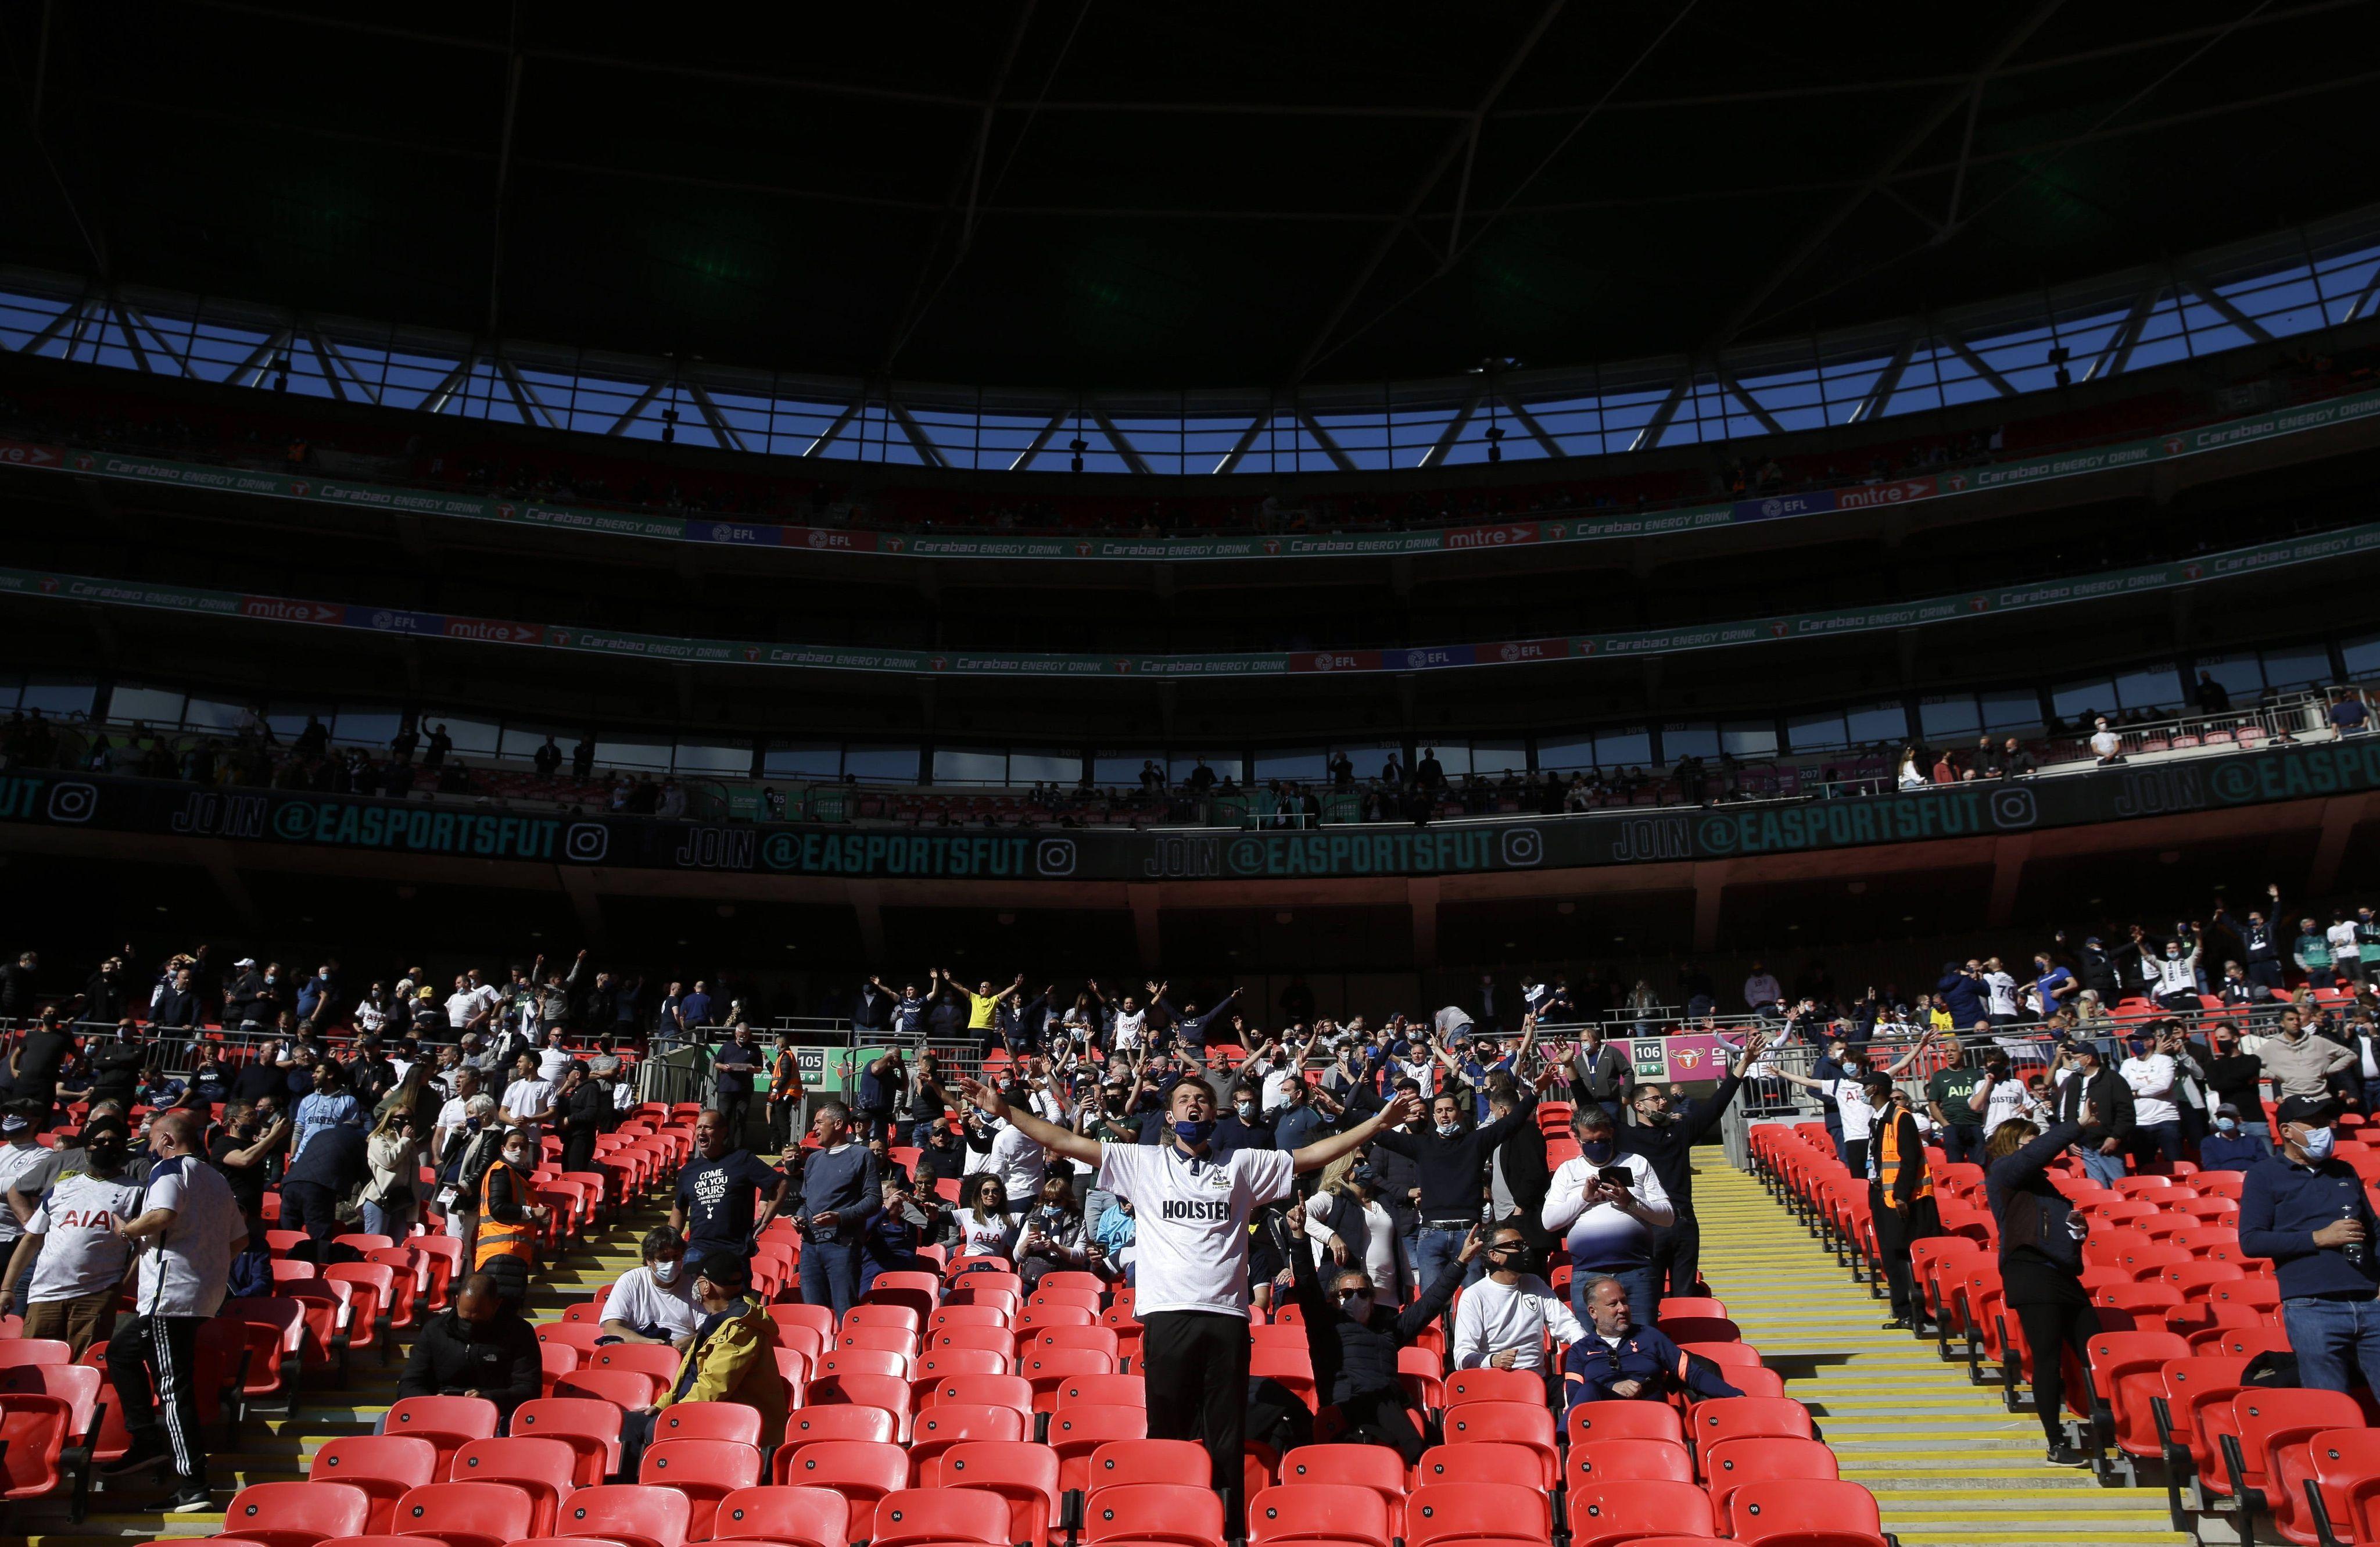 La finale de la Coupe de la Ligue anglaise entre City et Tottenham s'est jouée devant 8.000 spectateurs, le 25 avril 2021.